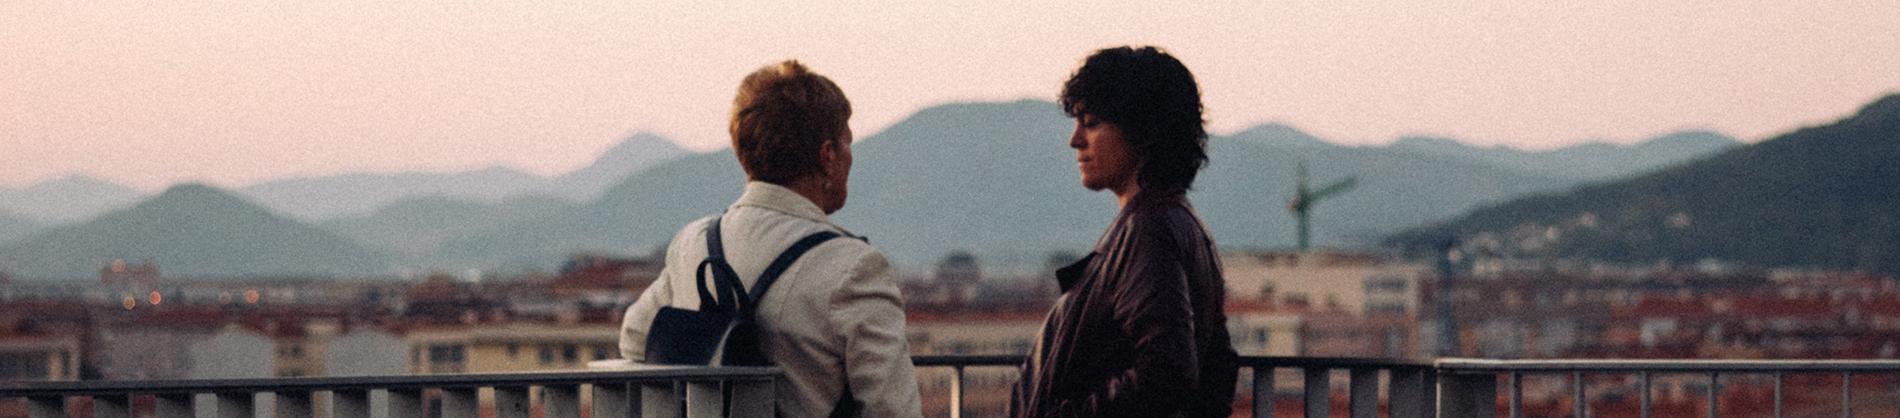 Two women stood on a balcony talking